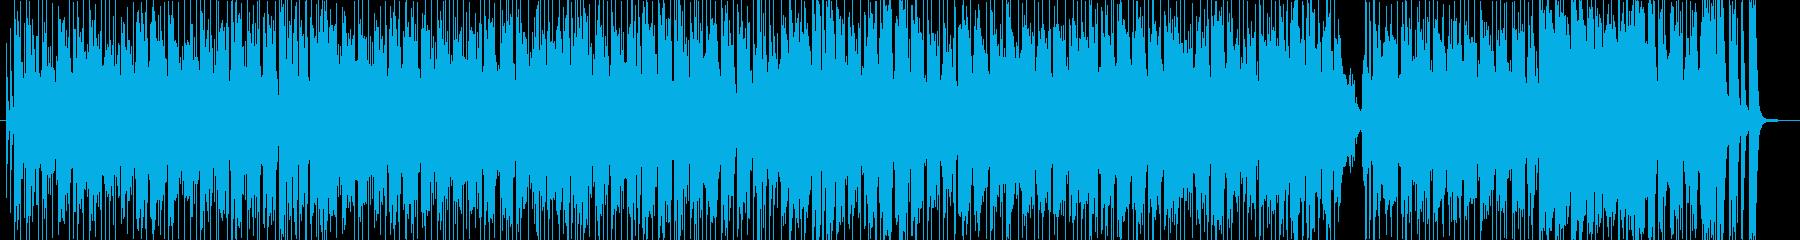 ラテン風の哀しげなソング1の再生済みの波形